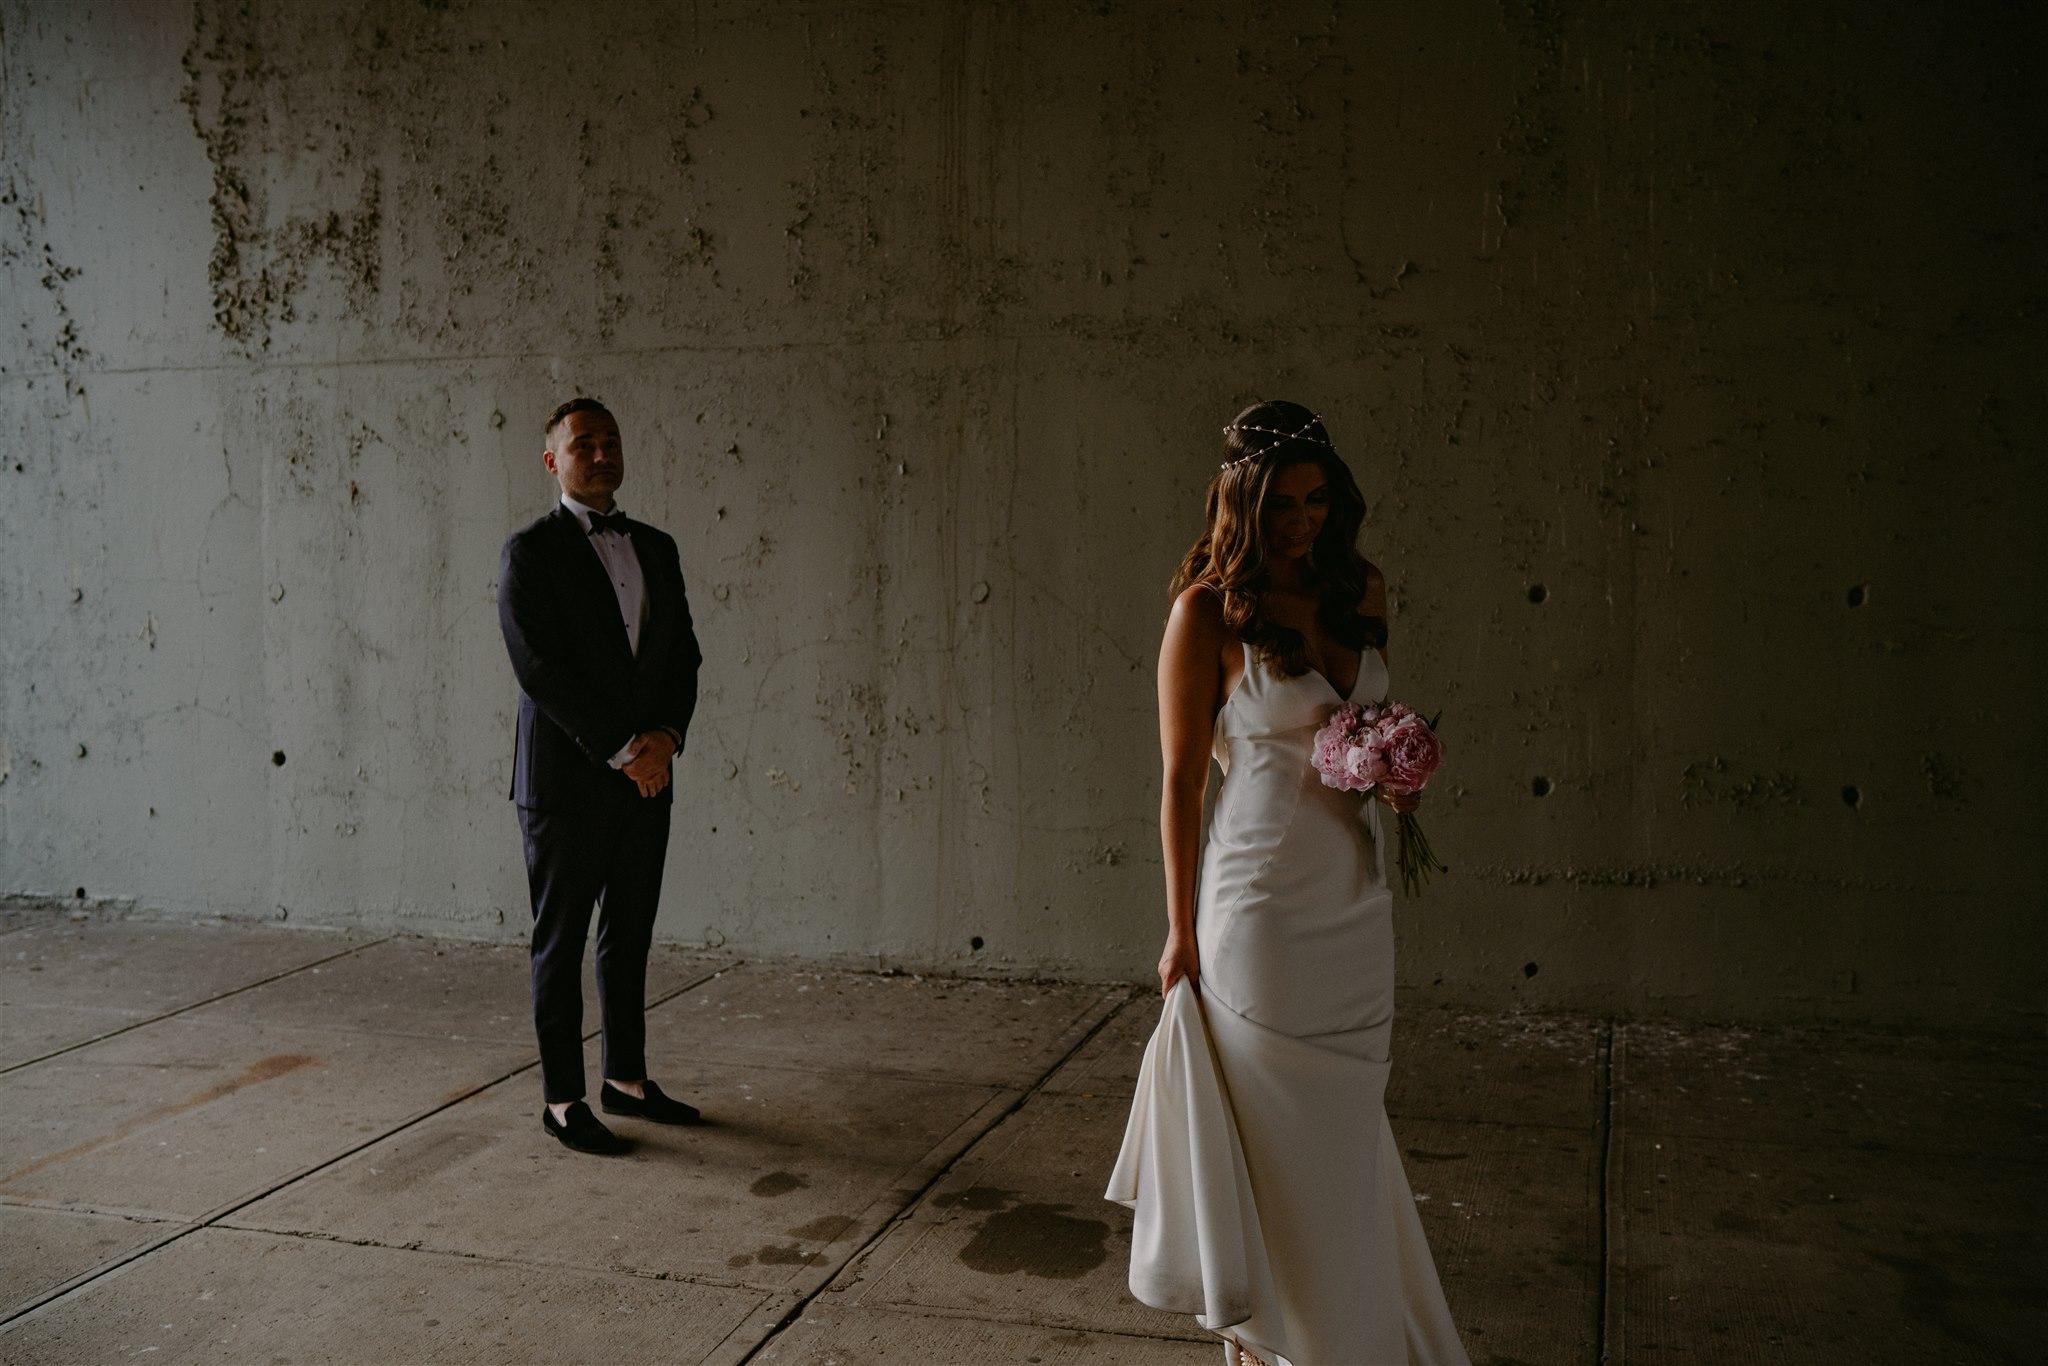 Chellise_Michael_Photography_Ramona_Brooklyn_Wedding_Photographer-400.jpg